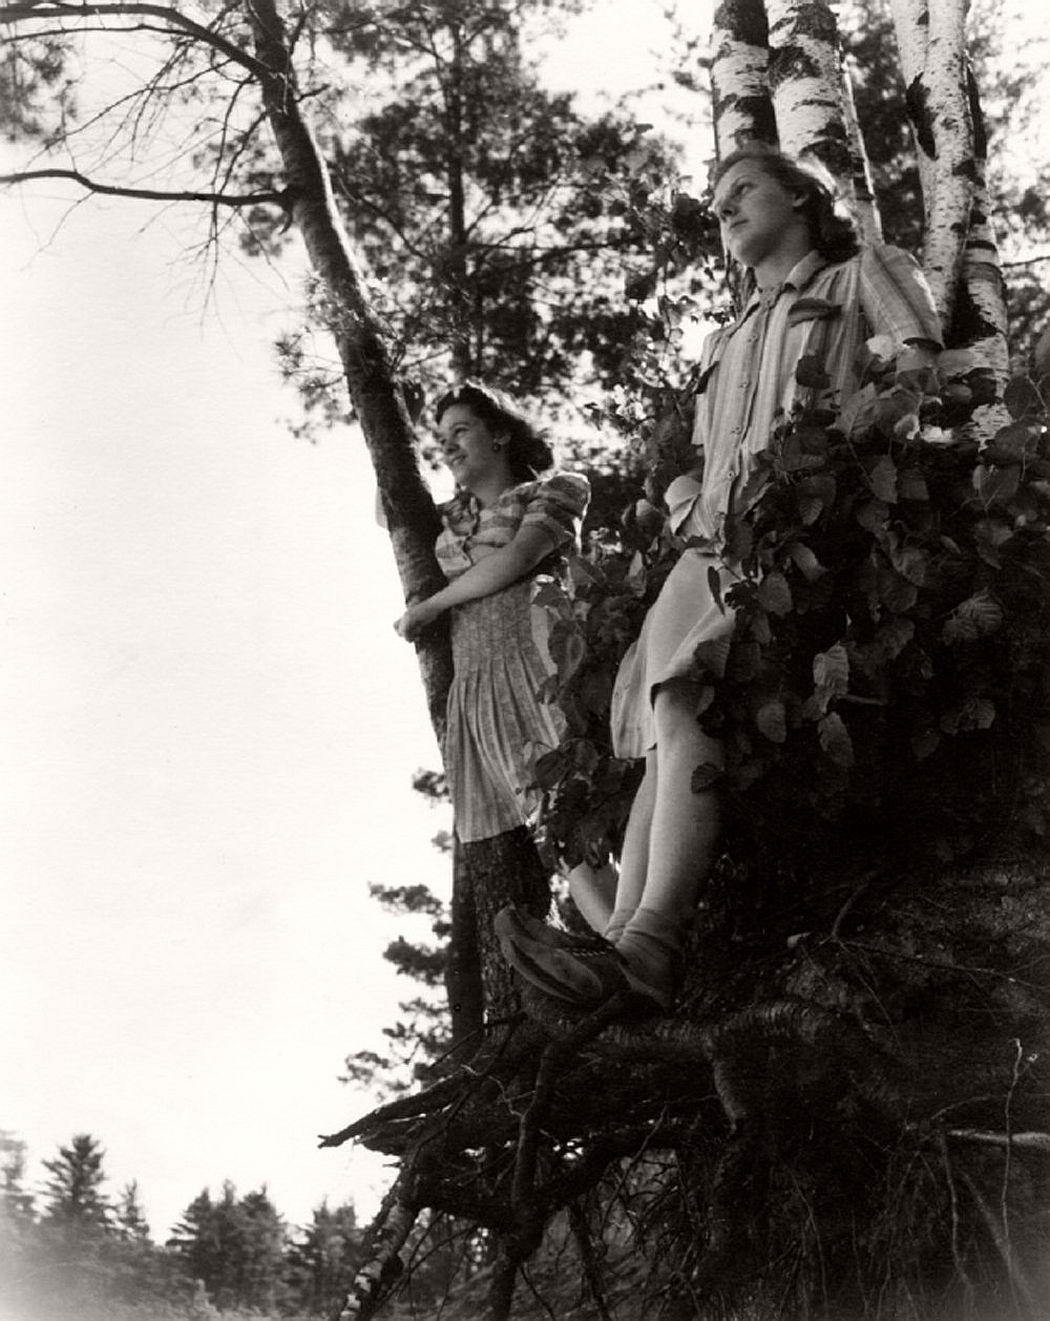 women-in-trees-hatje-cantz-06